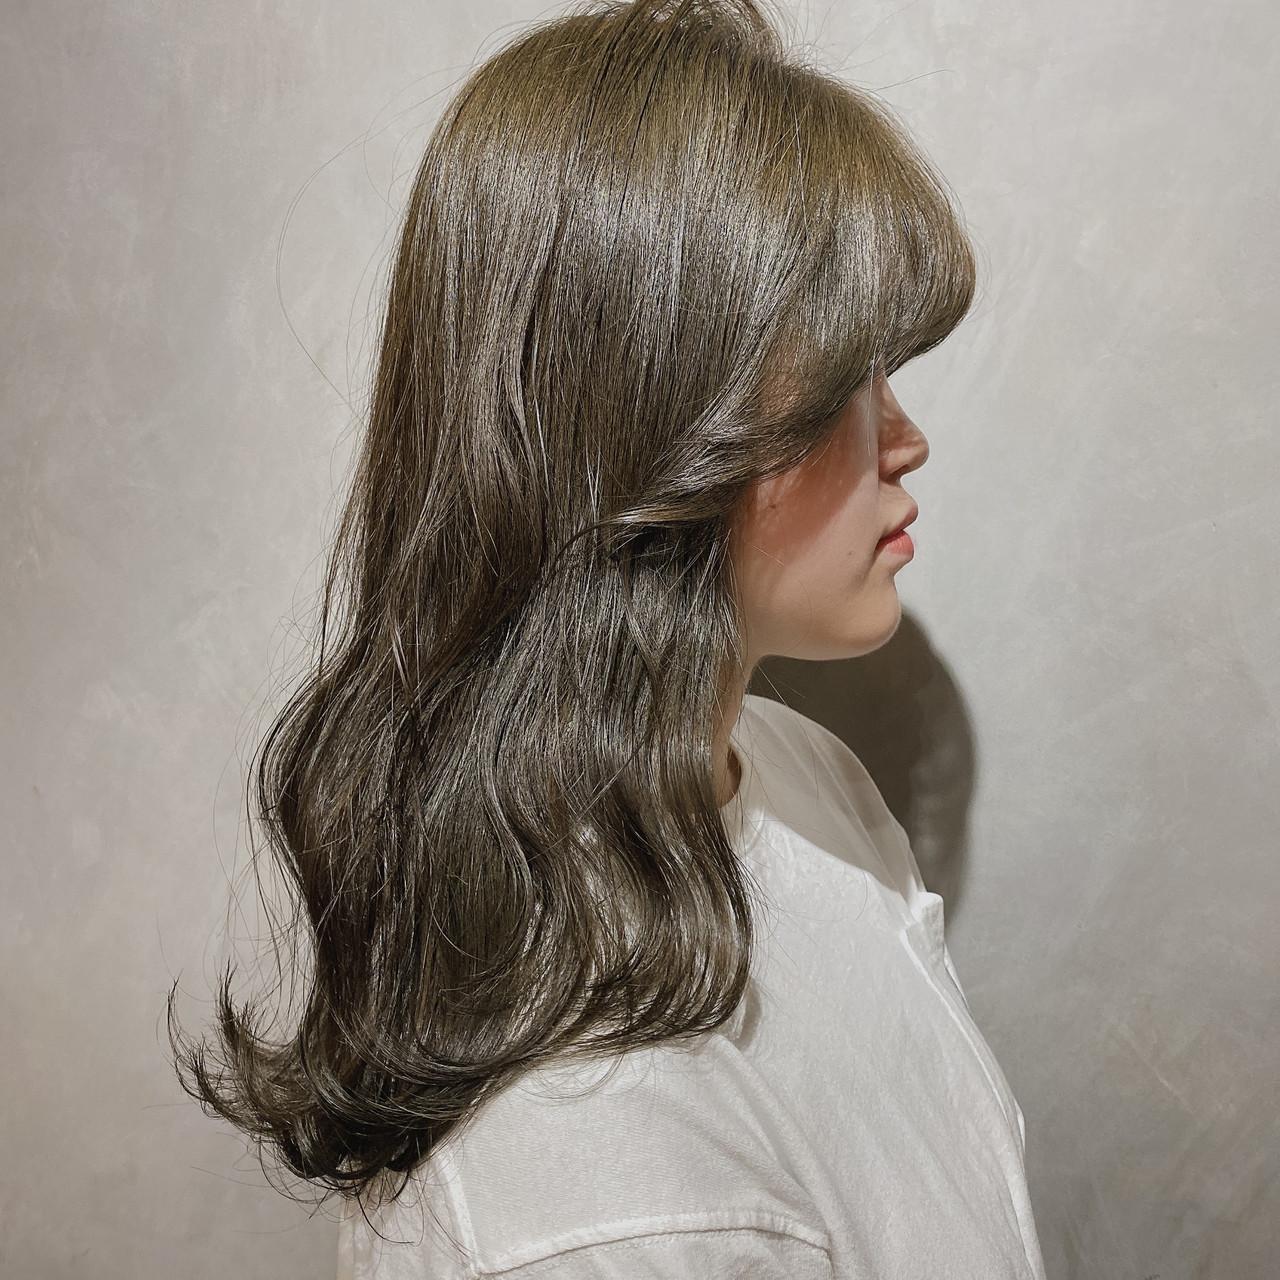 ナチュラル ミニボブ 切りっぱなしボブ 韓国ヘア ヘアスタイルや髪型の写真・画像